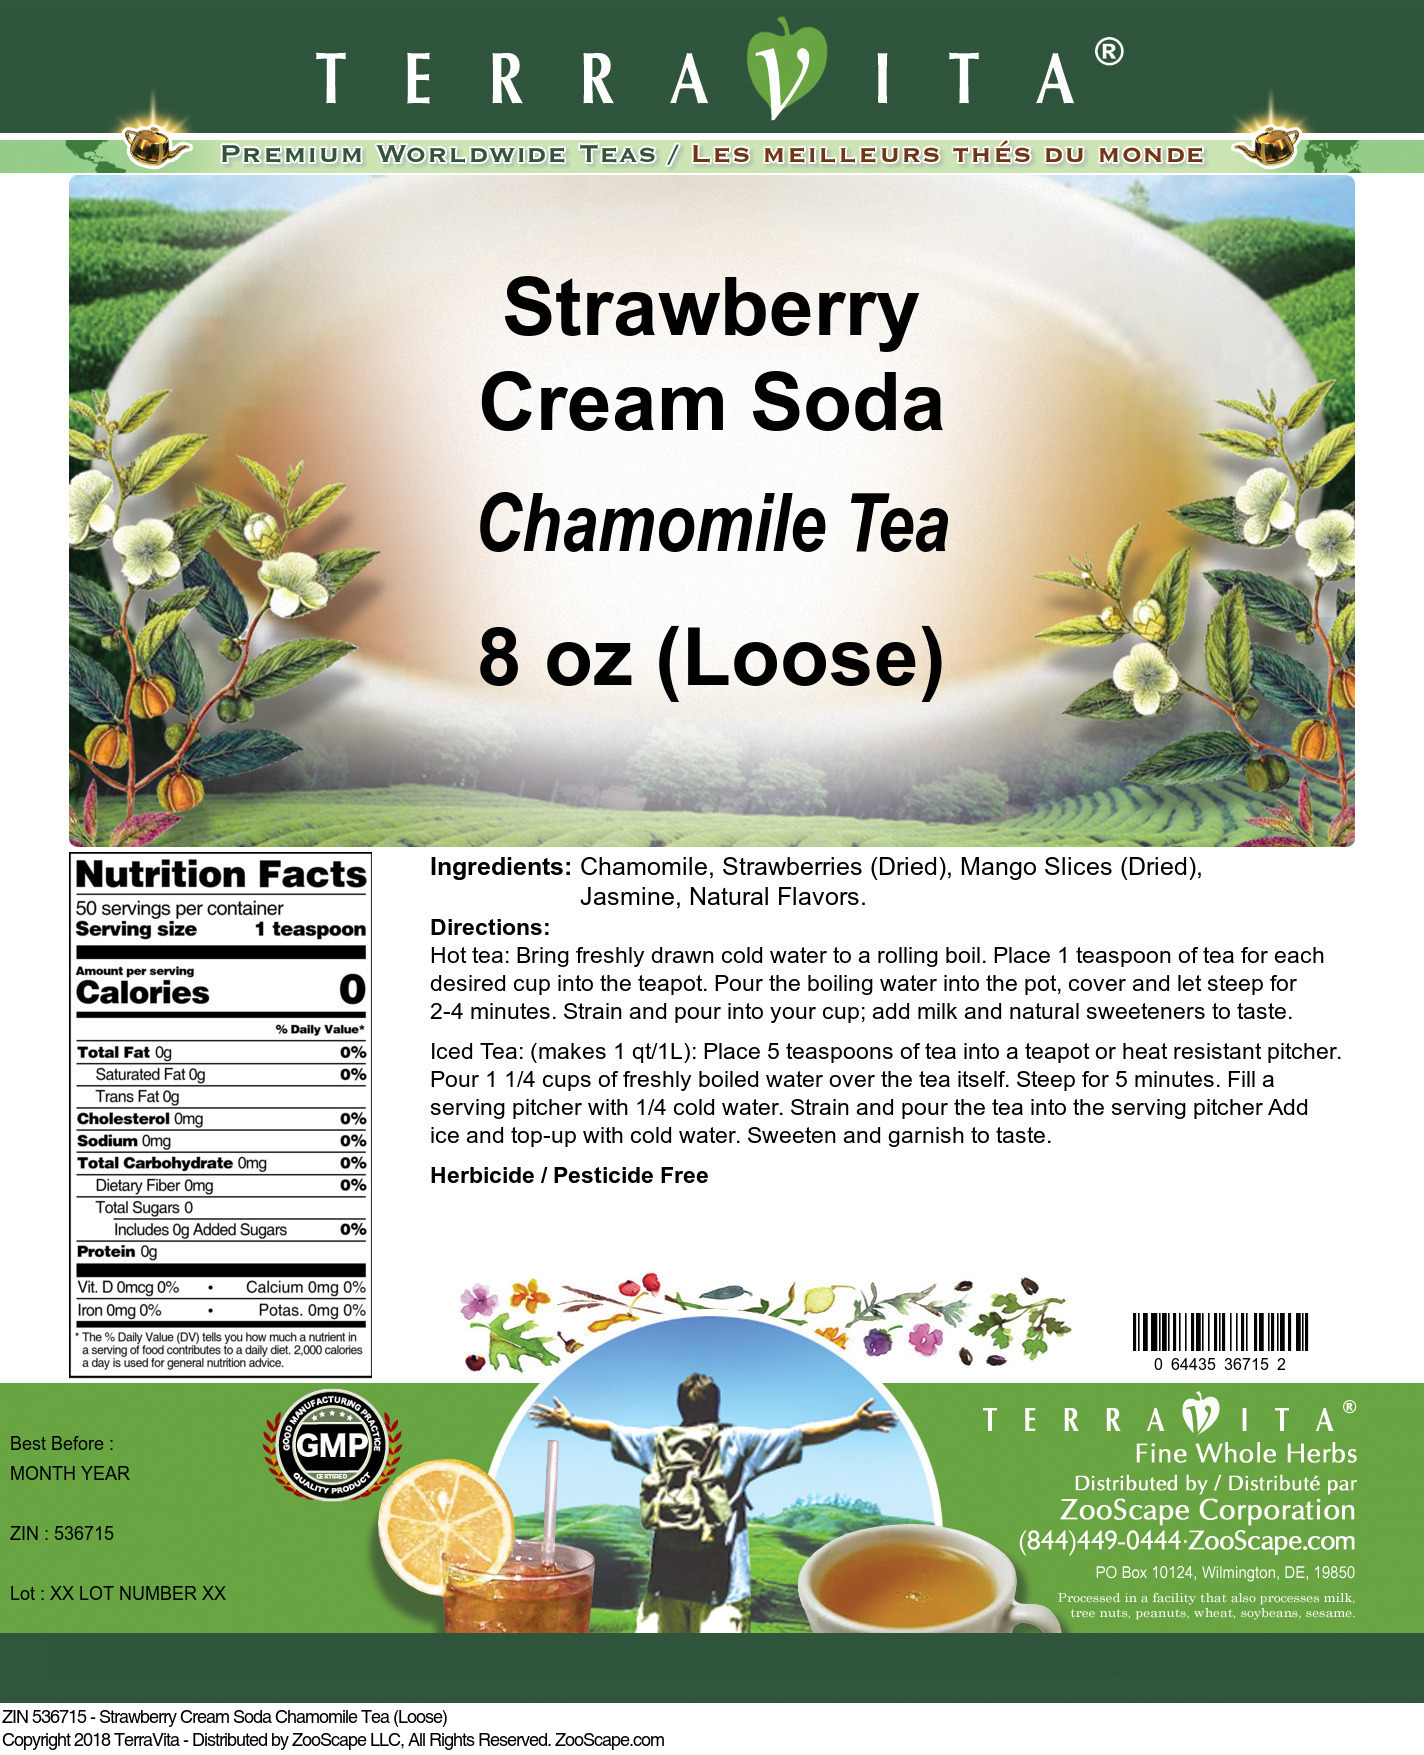 Strawberry Cream Soda Chamomile Tea (Loose)